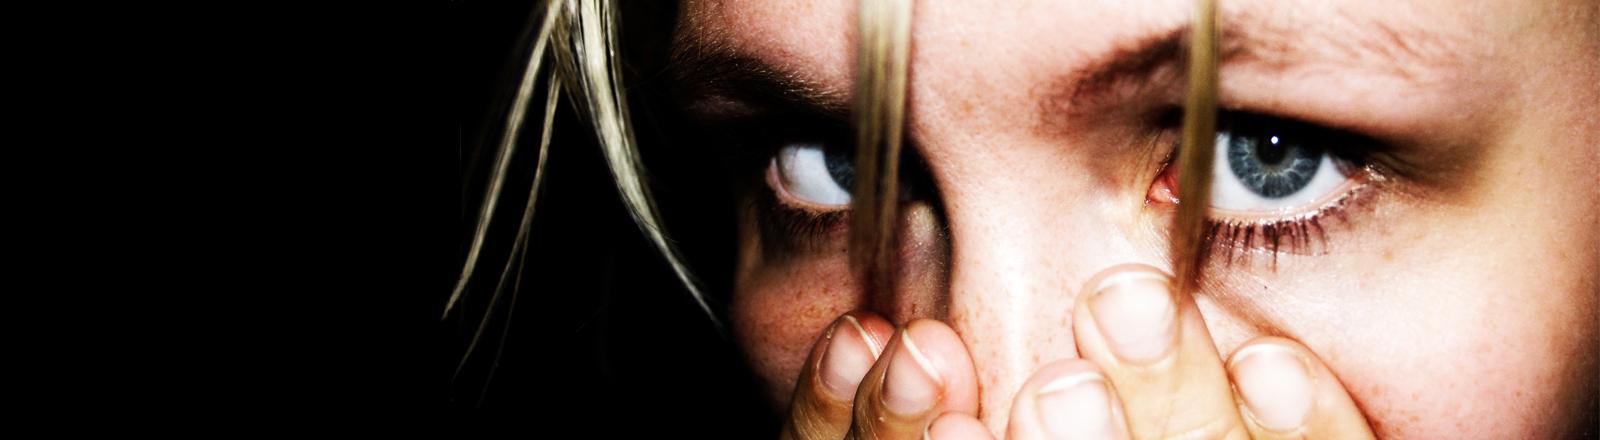 Eine Frau hält sich erschrocken die Hände vor den Mund und reißt die Augen auf.